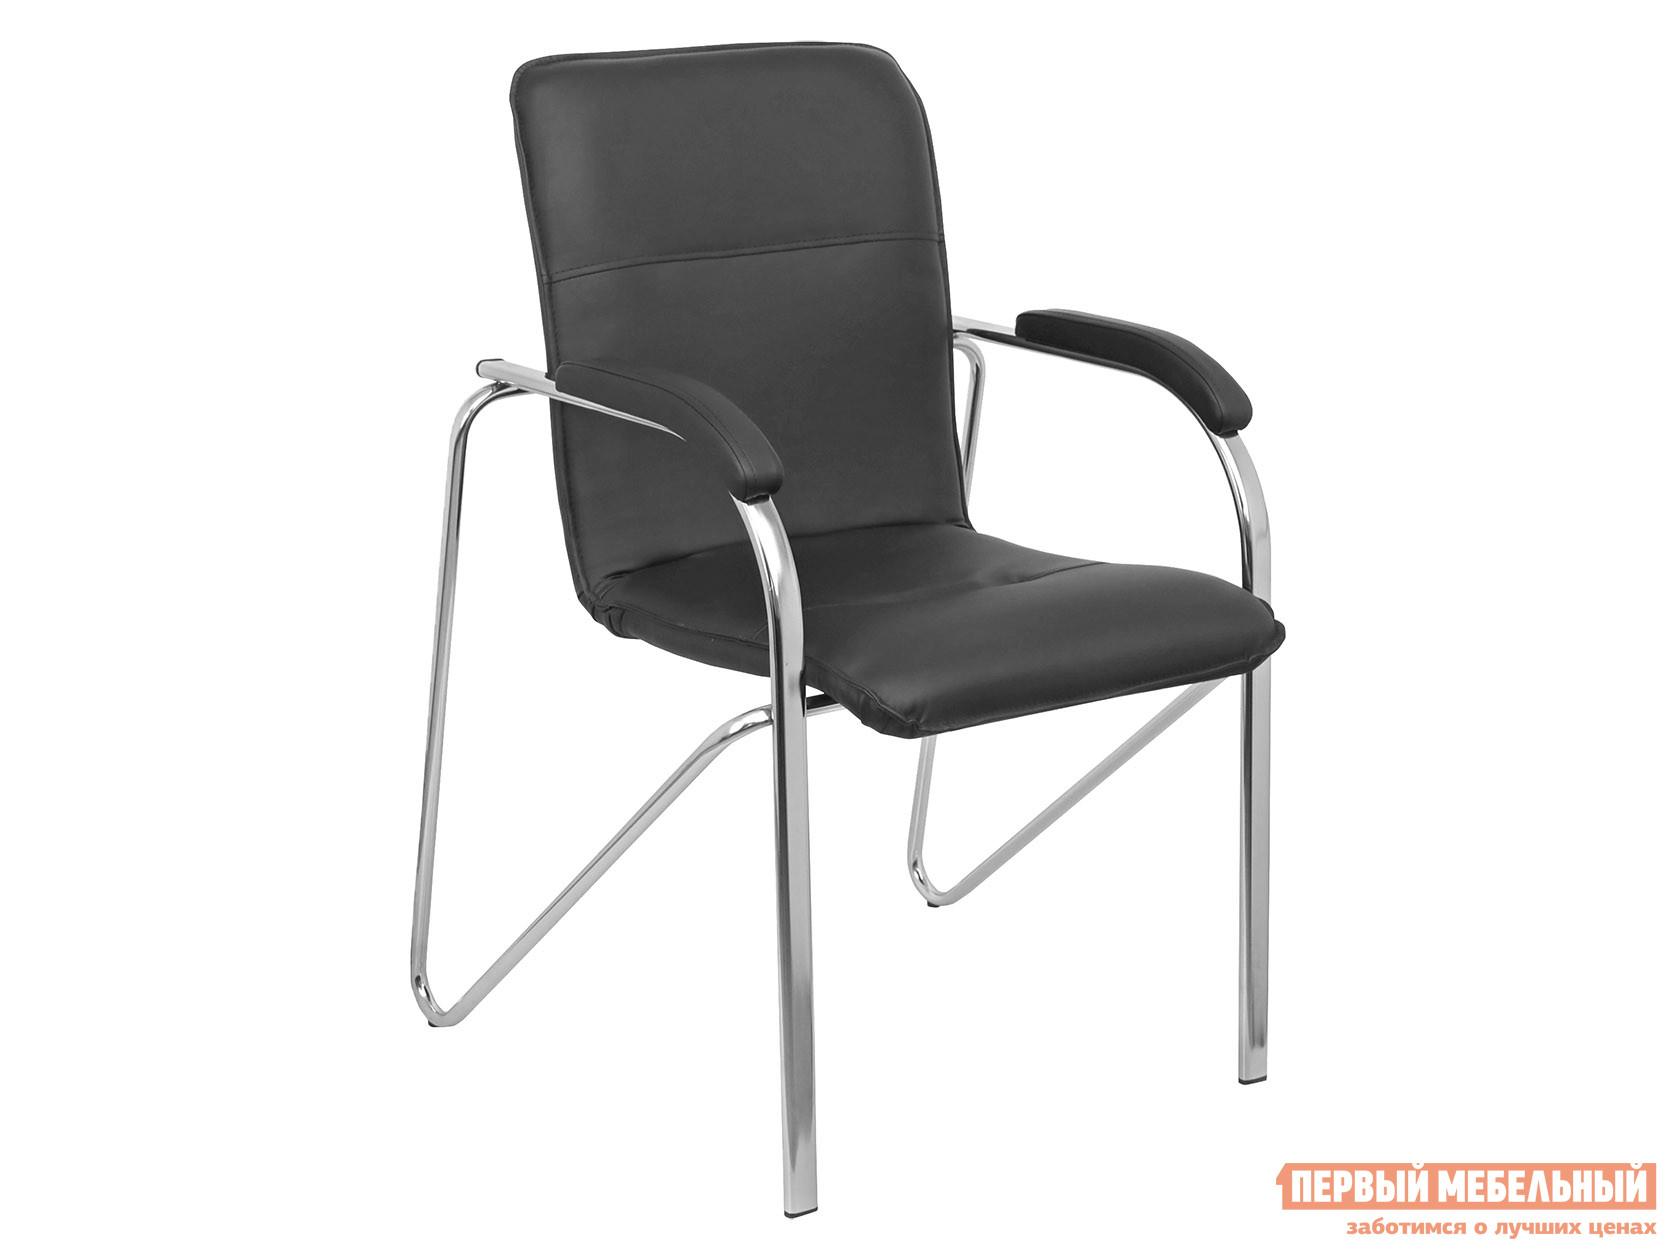 Офисный стул  SAMBA AKS-1 Черный, экокожа, Мягкие Базистрейд 137653